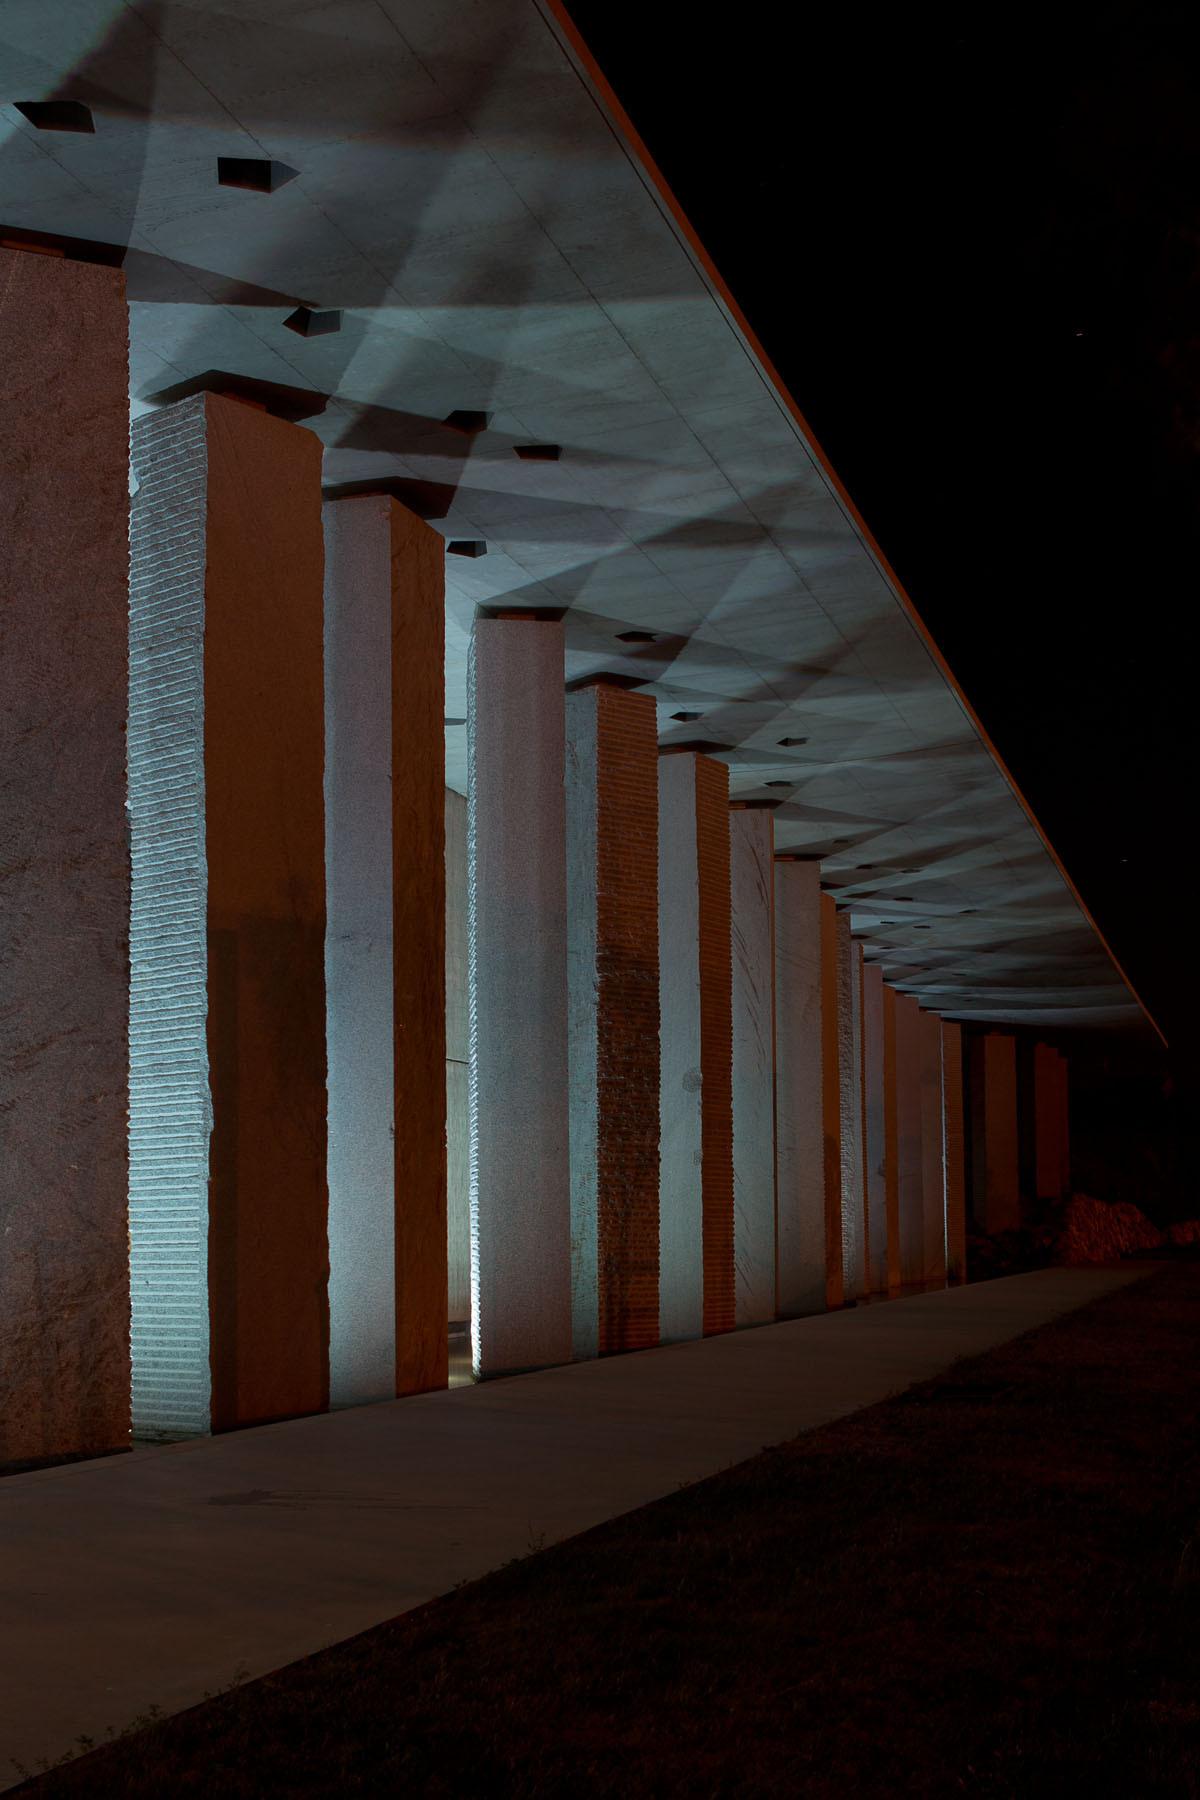 N.Lichtig, Mille Temps, 2012